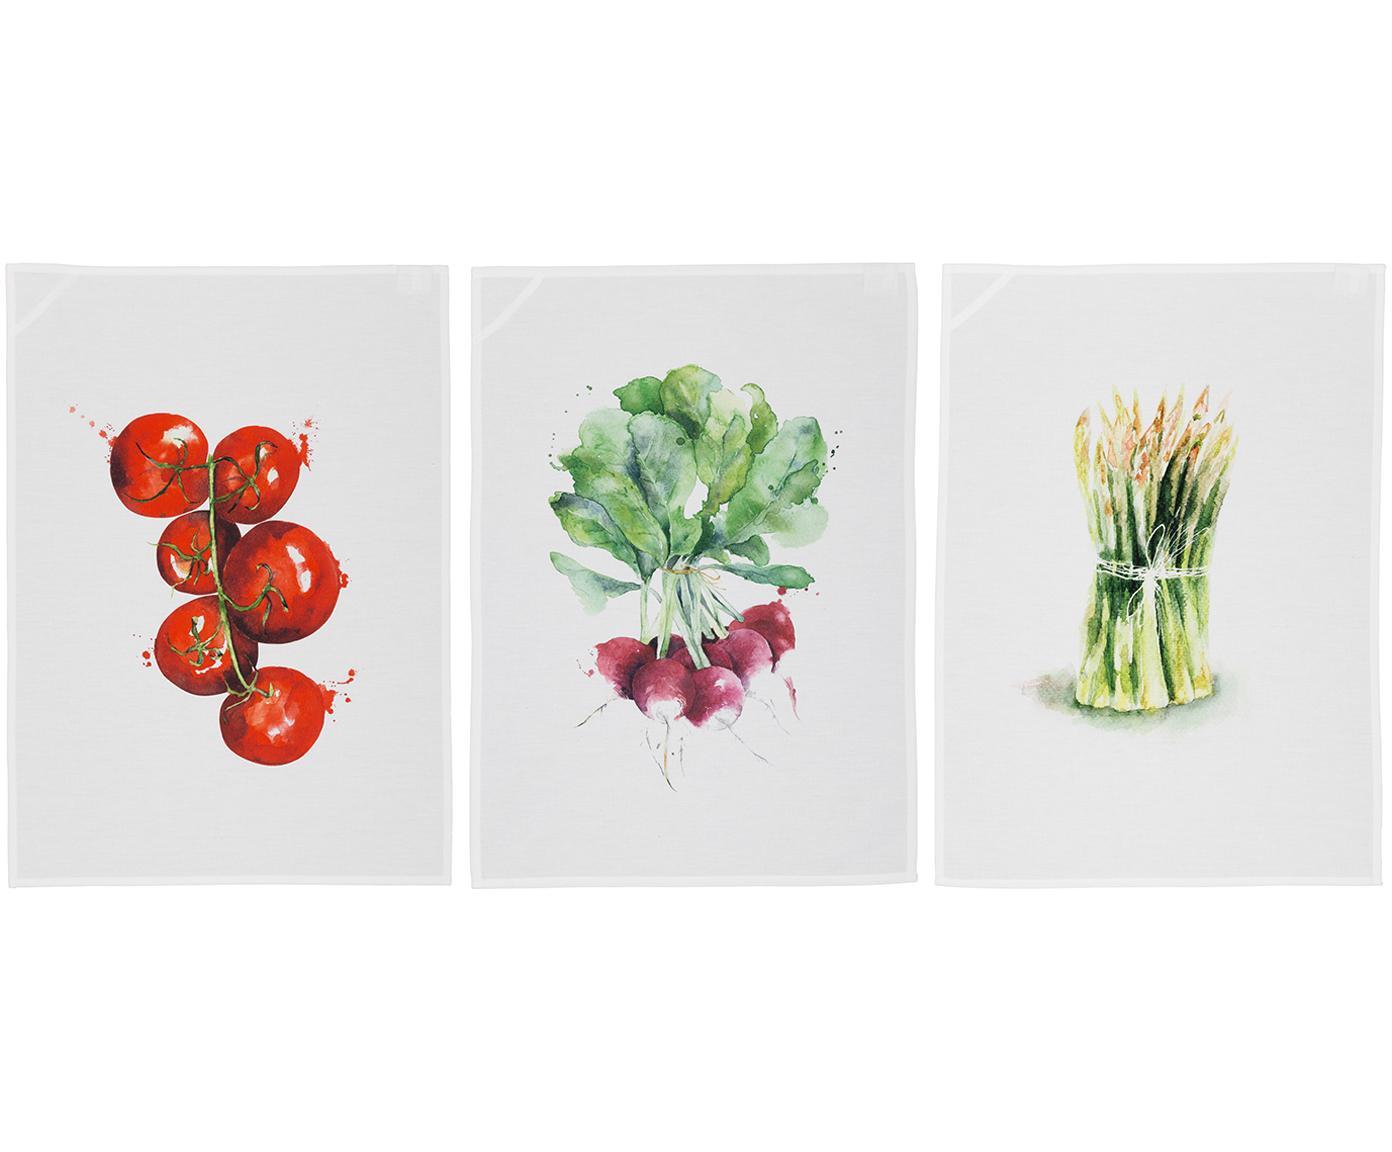 Theedoeken set Marchè, 3-delig, Wit, groen, rood, 50 x 70 cm